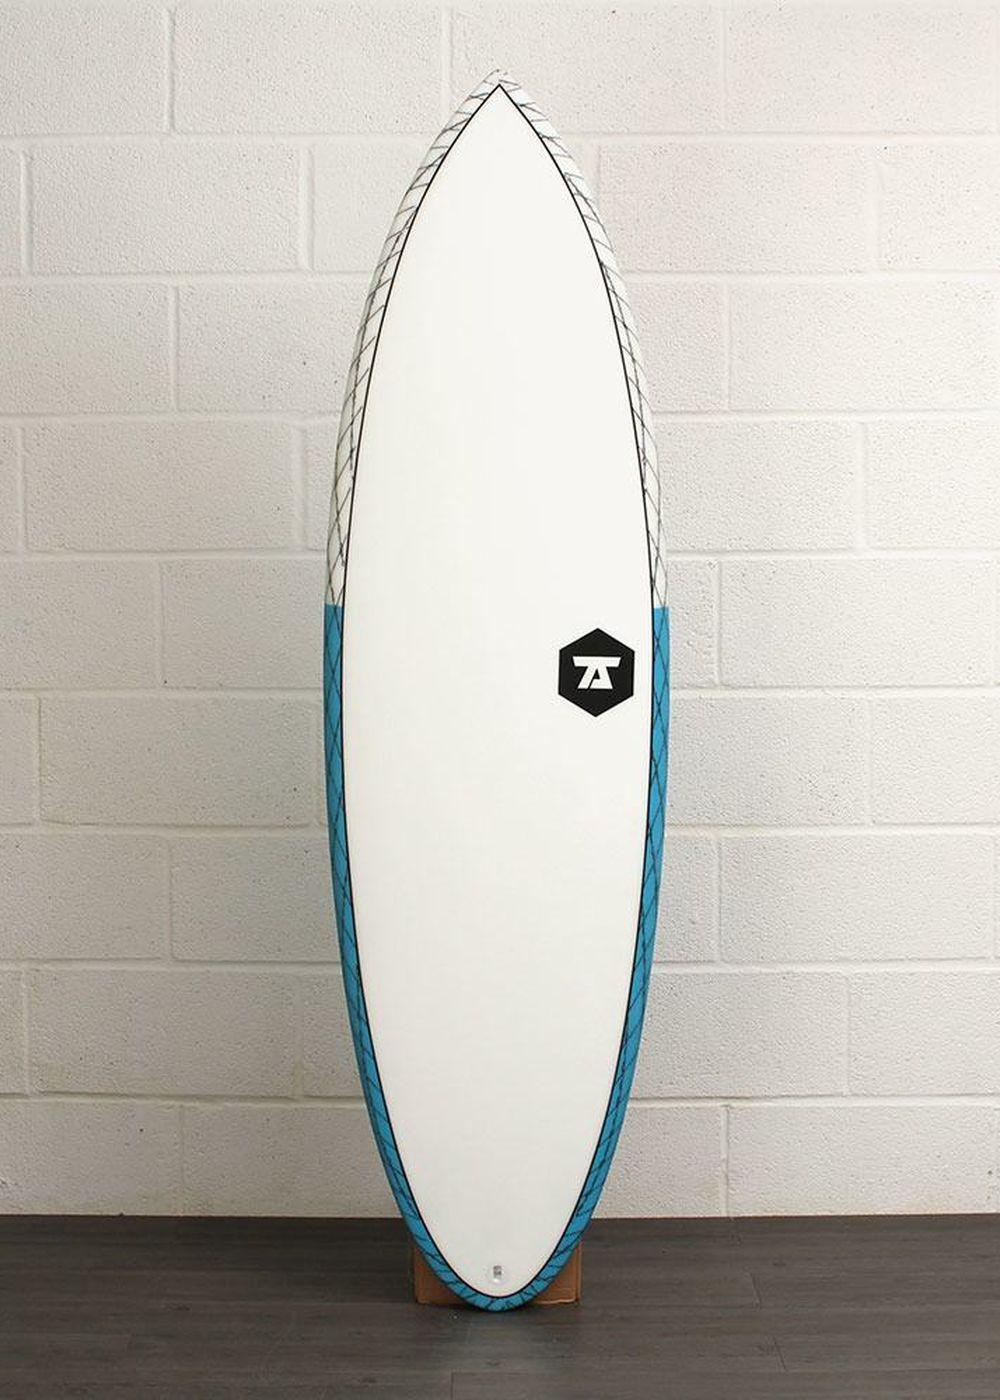 7S SLIPSTREAM CV SURFBOARD 5ft 11 Blue